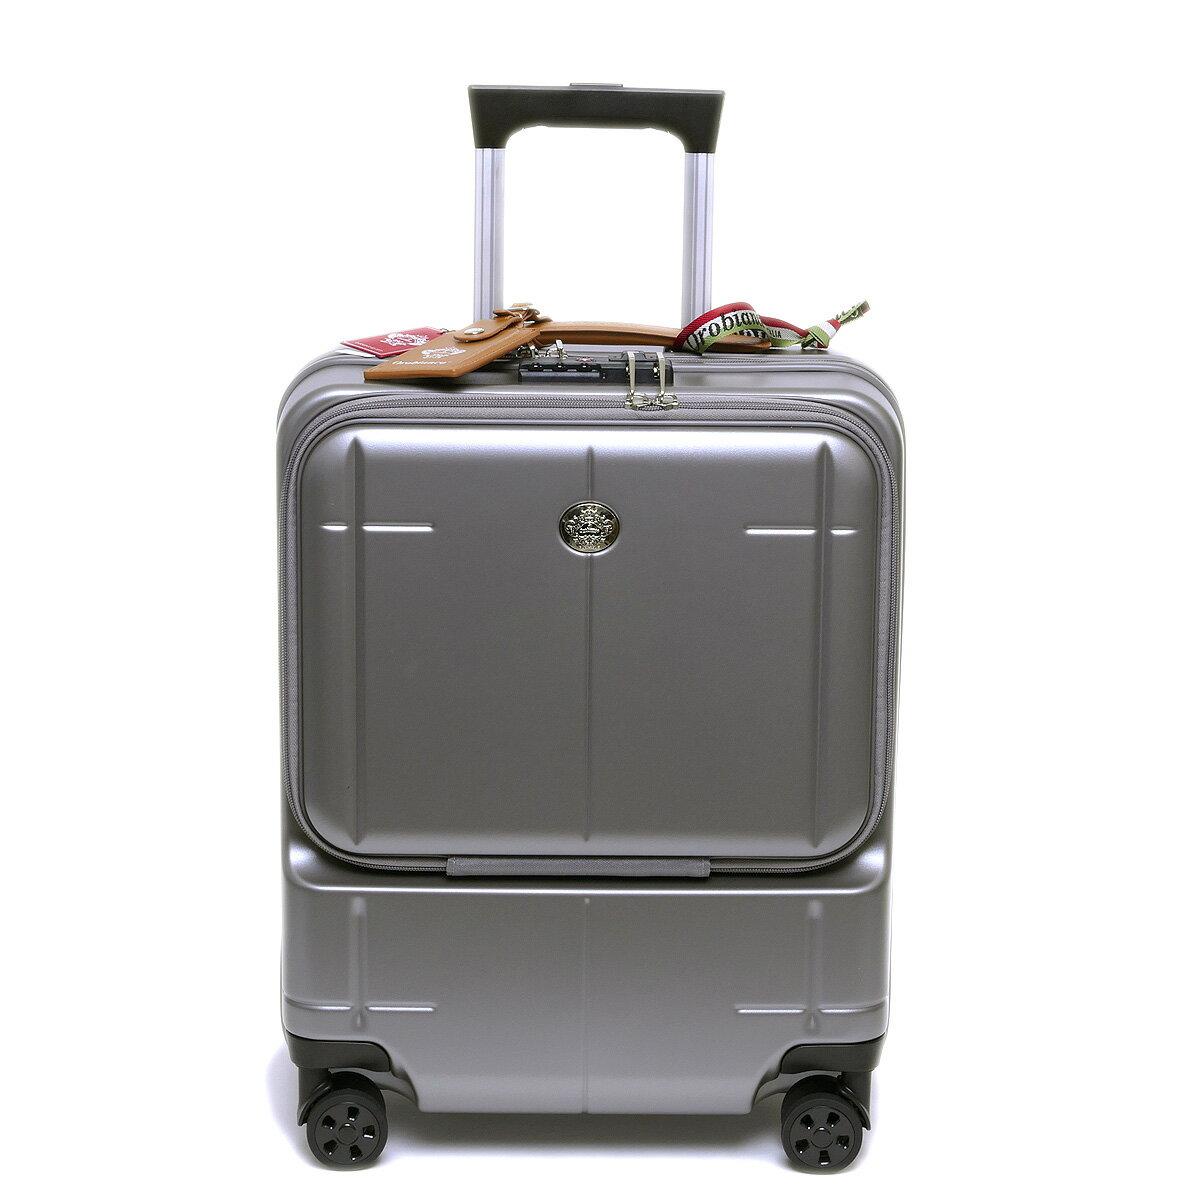 オロビアンコ【国内正規品】 スーツケース ARZILLO アルズィーロ 縦型 グレー OROBIANCO